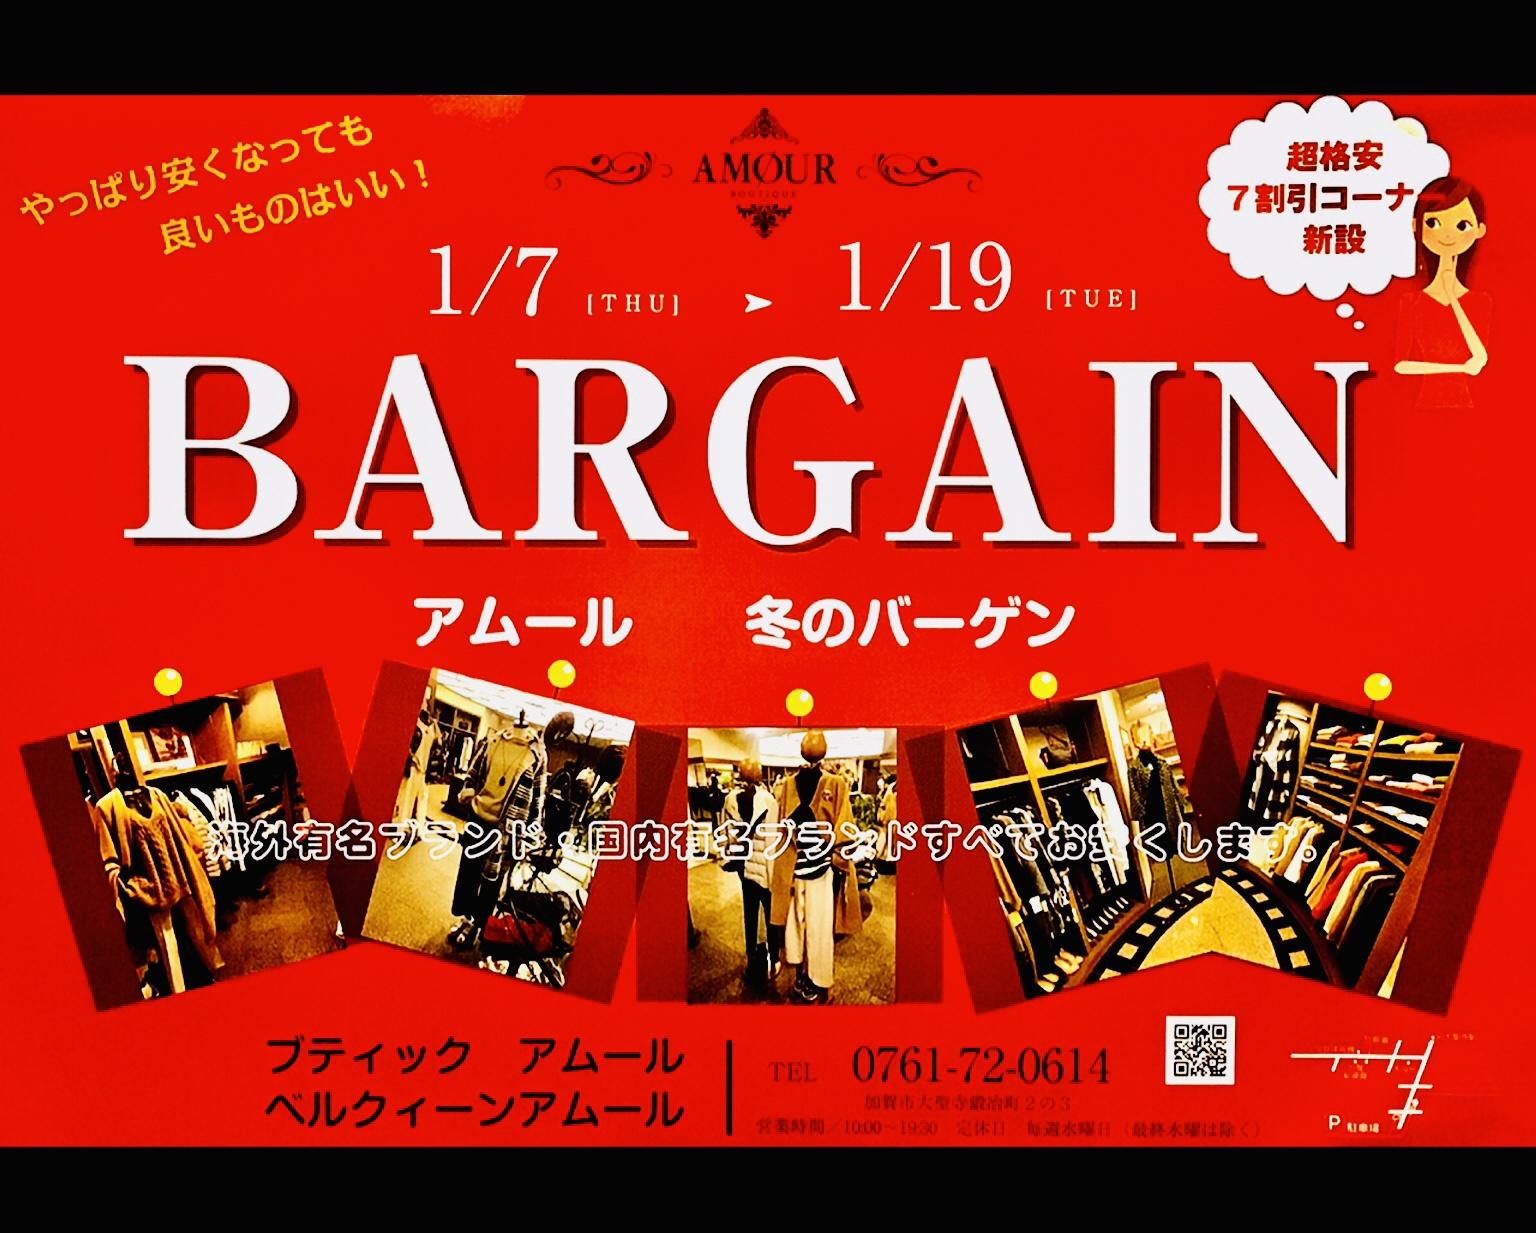 1月7日 bargainスタート 10時オープン